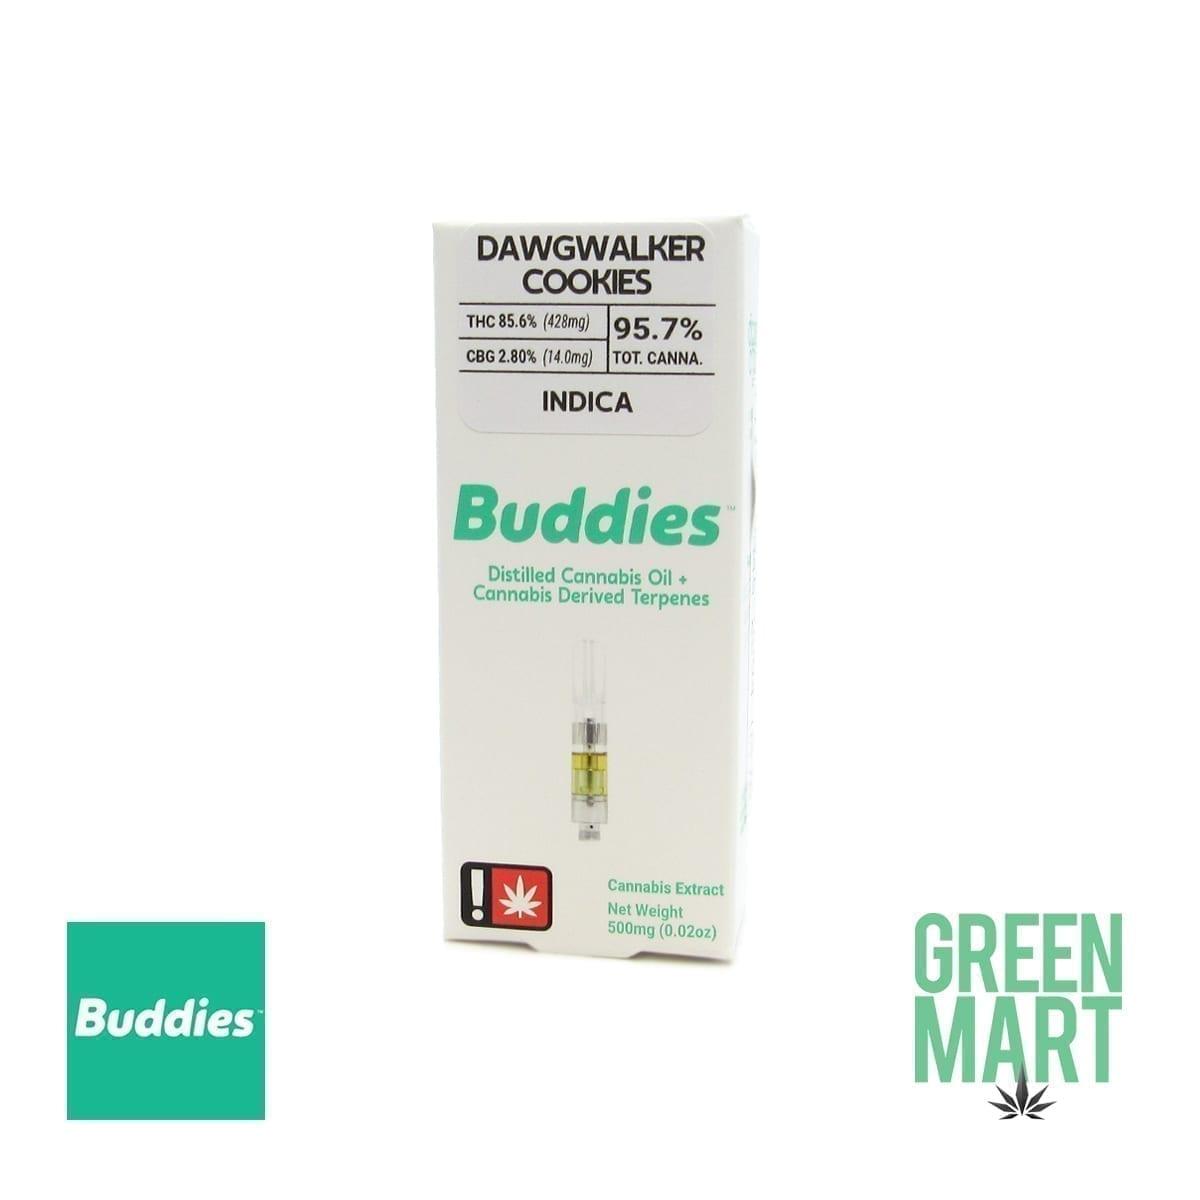 Buddies Brand Distillate Cartridge - Dawgwalker Cookies